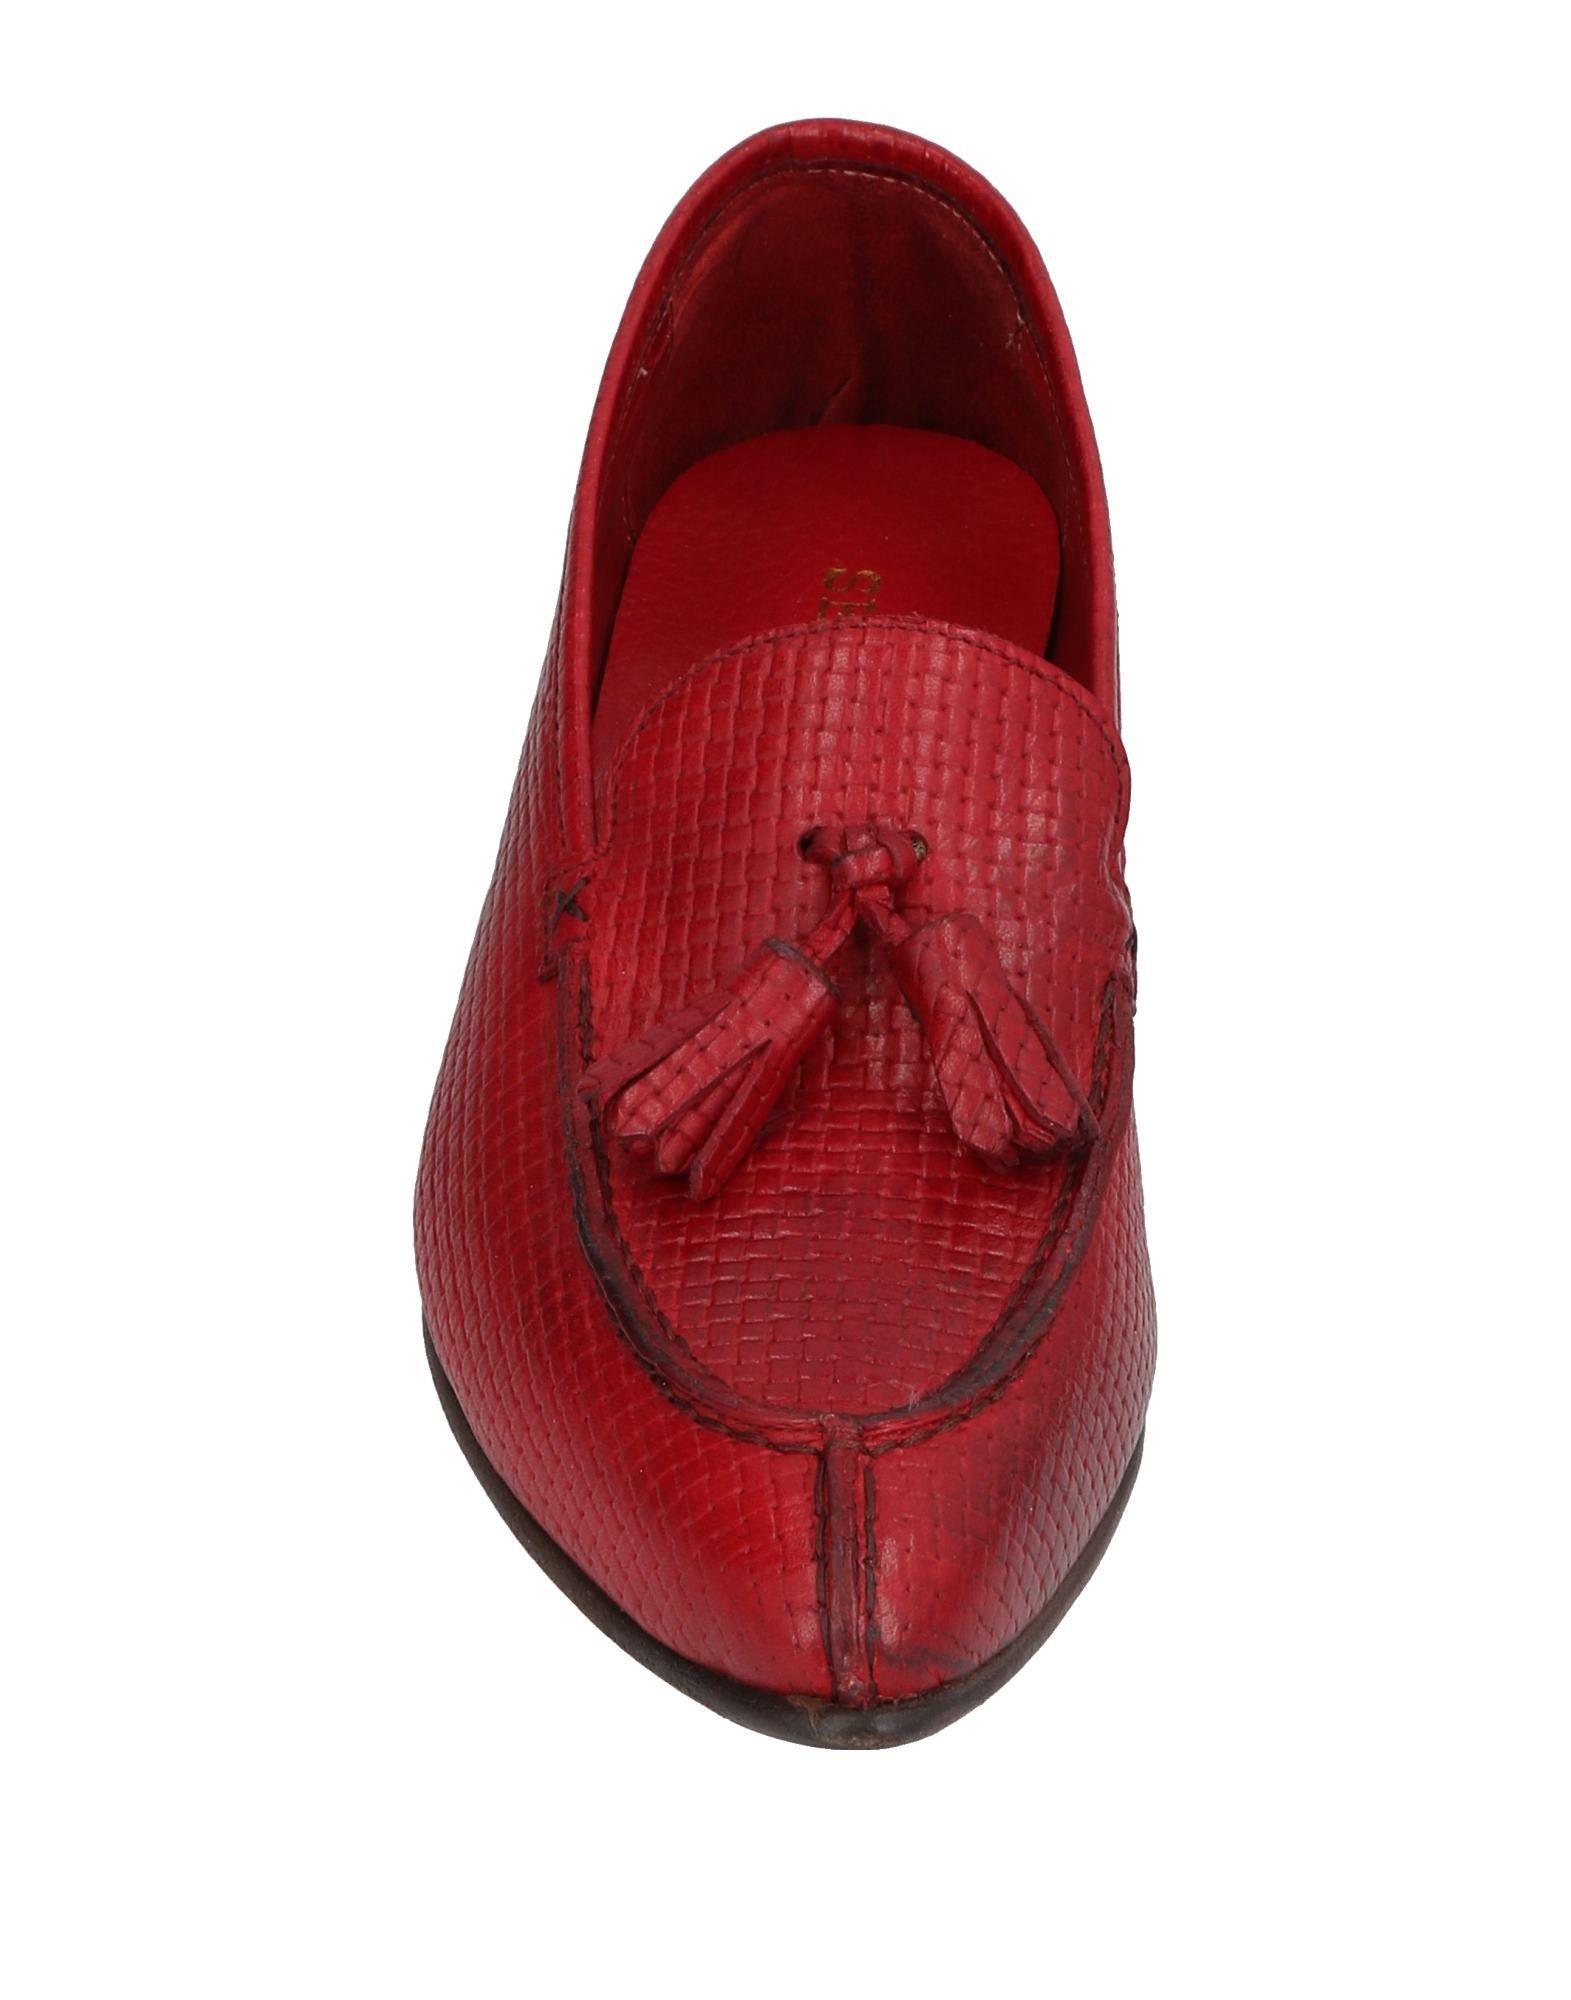 Rabatt Herren echte Schuhe Seboy's Mokassins Herren Rabatt  11461519CJ 605a92